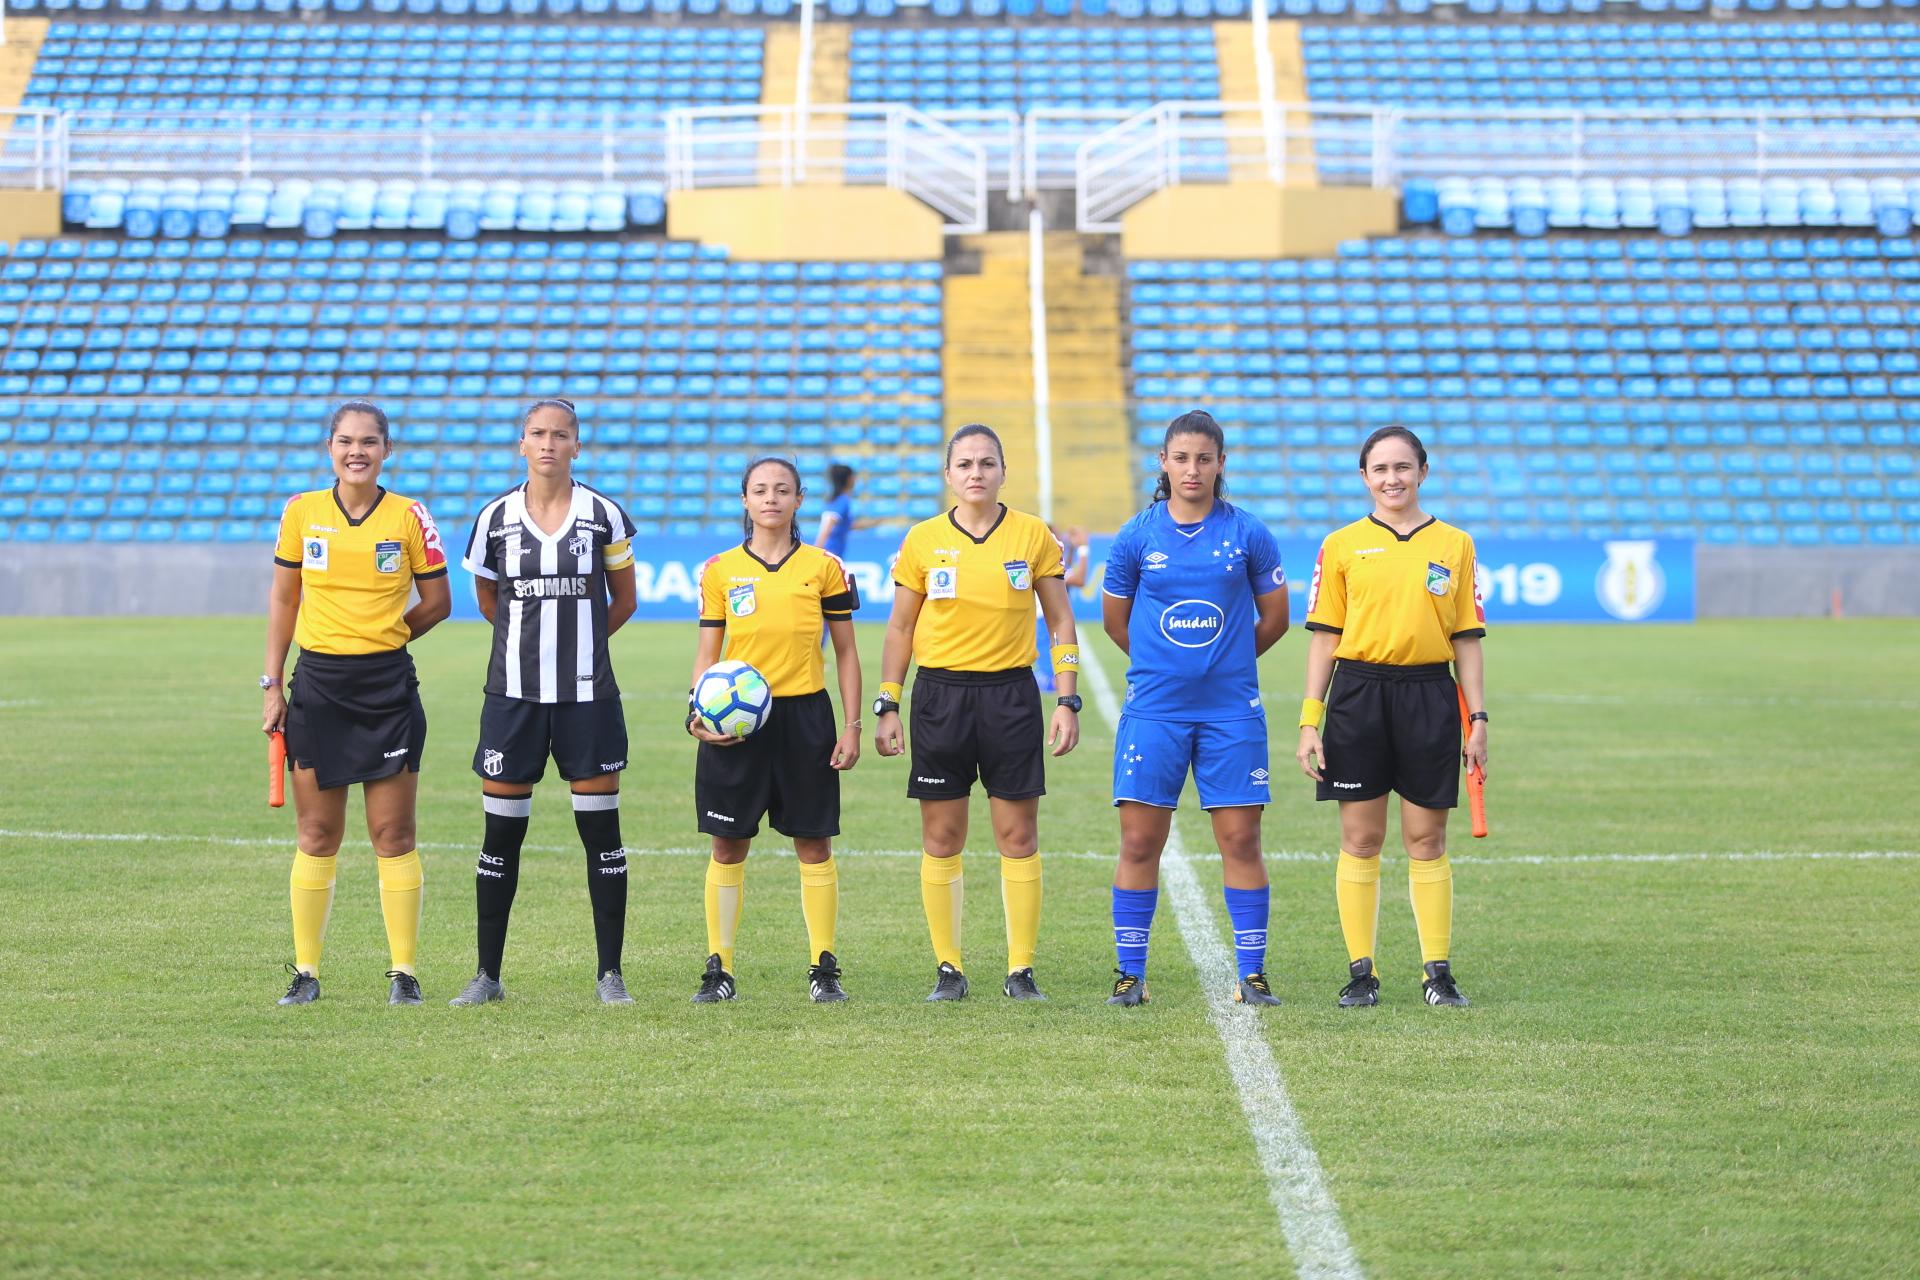 ae111be013 Futebol Feminino: Jogando em casa, Ceará perde para o cruzeiro no ...